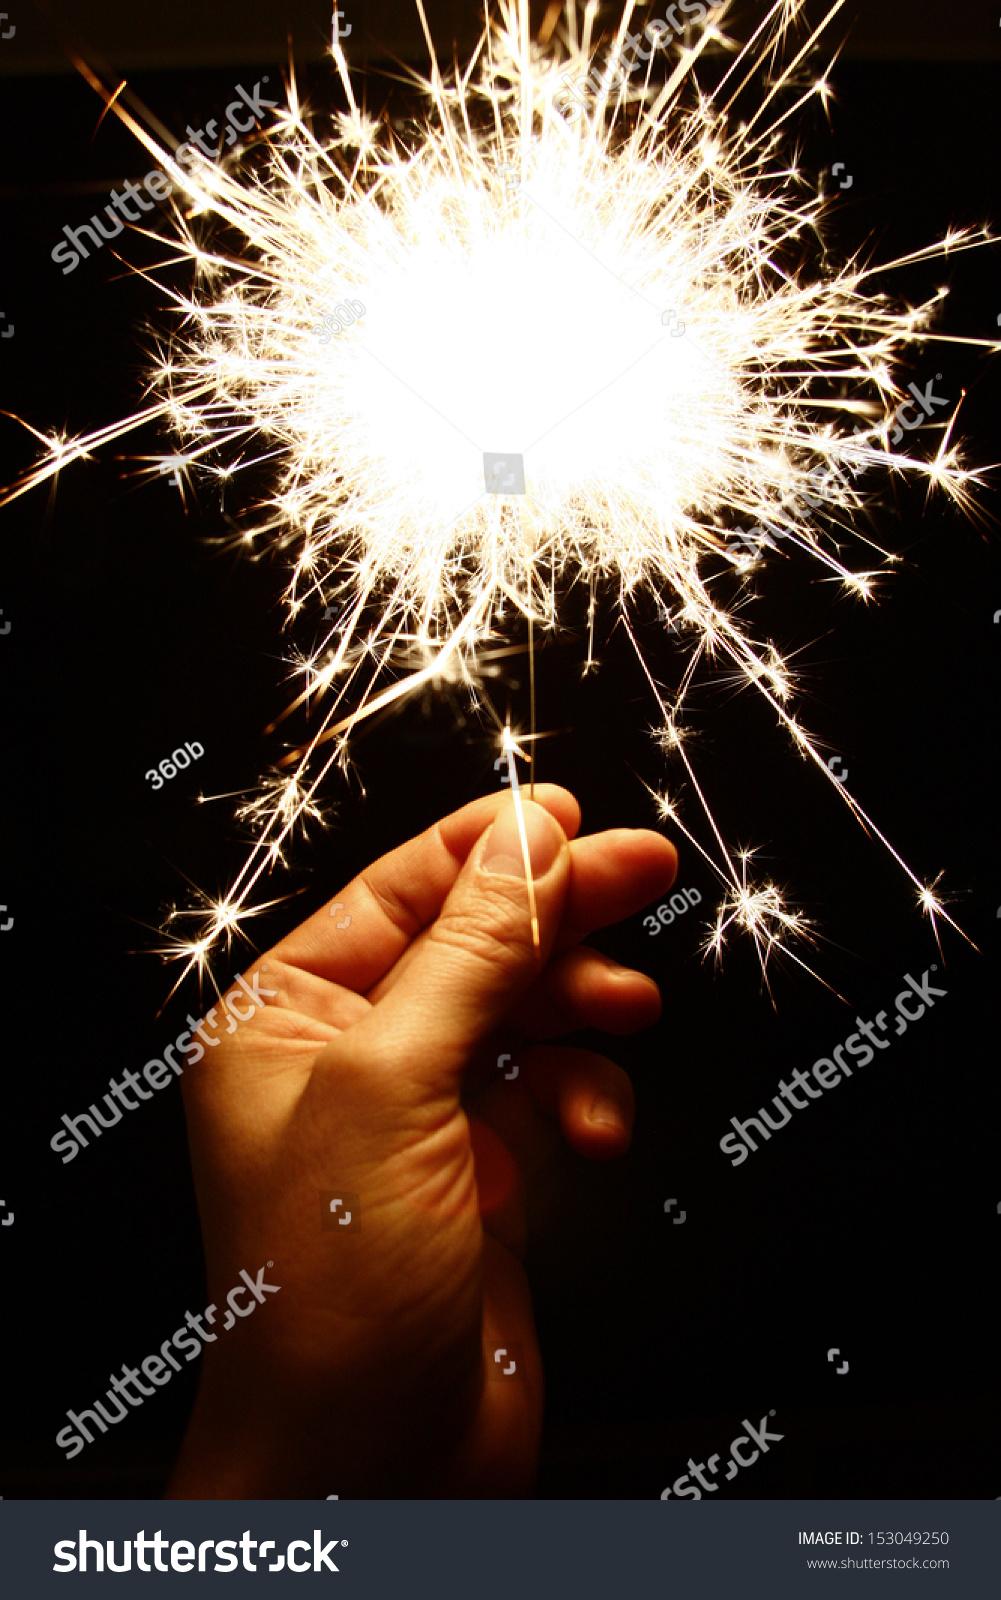 hand holding a sparkler symbolic image stock photo